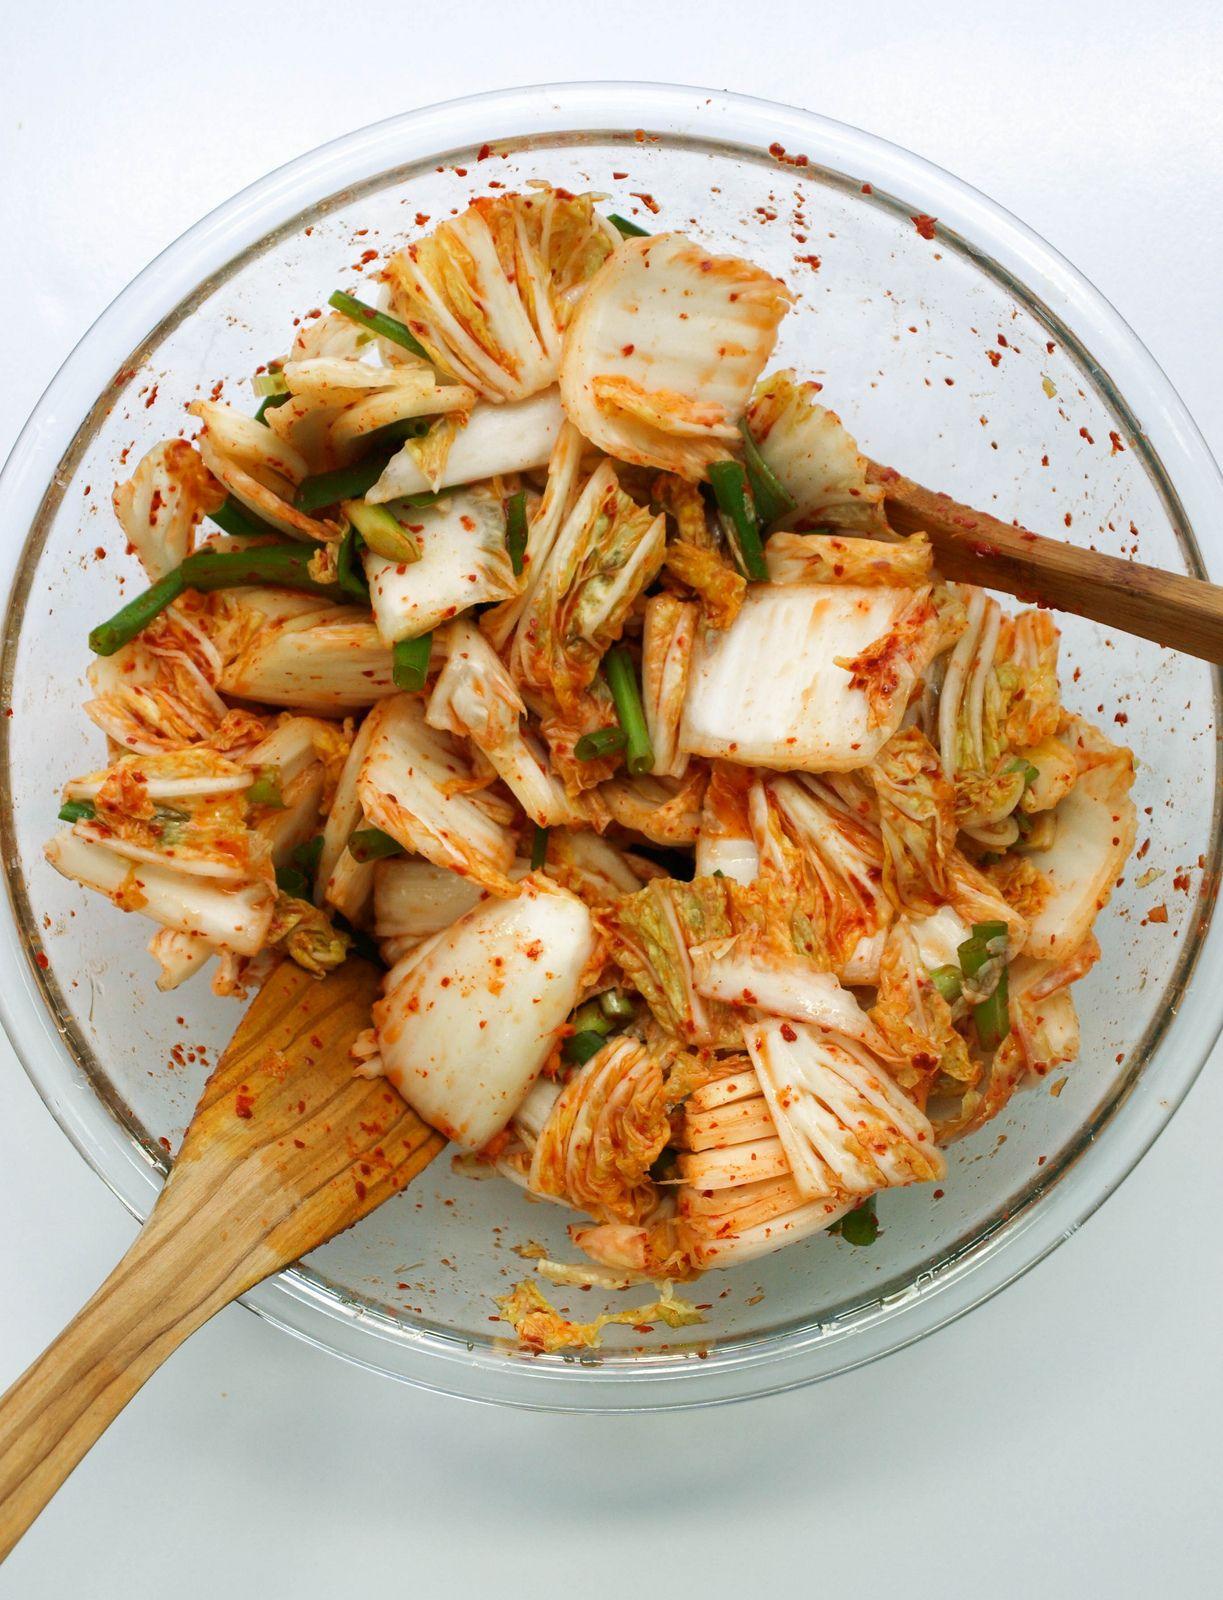 Kimchi vegan kimchi kimchi recipe whole foods vegan